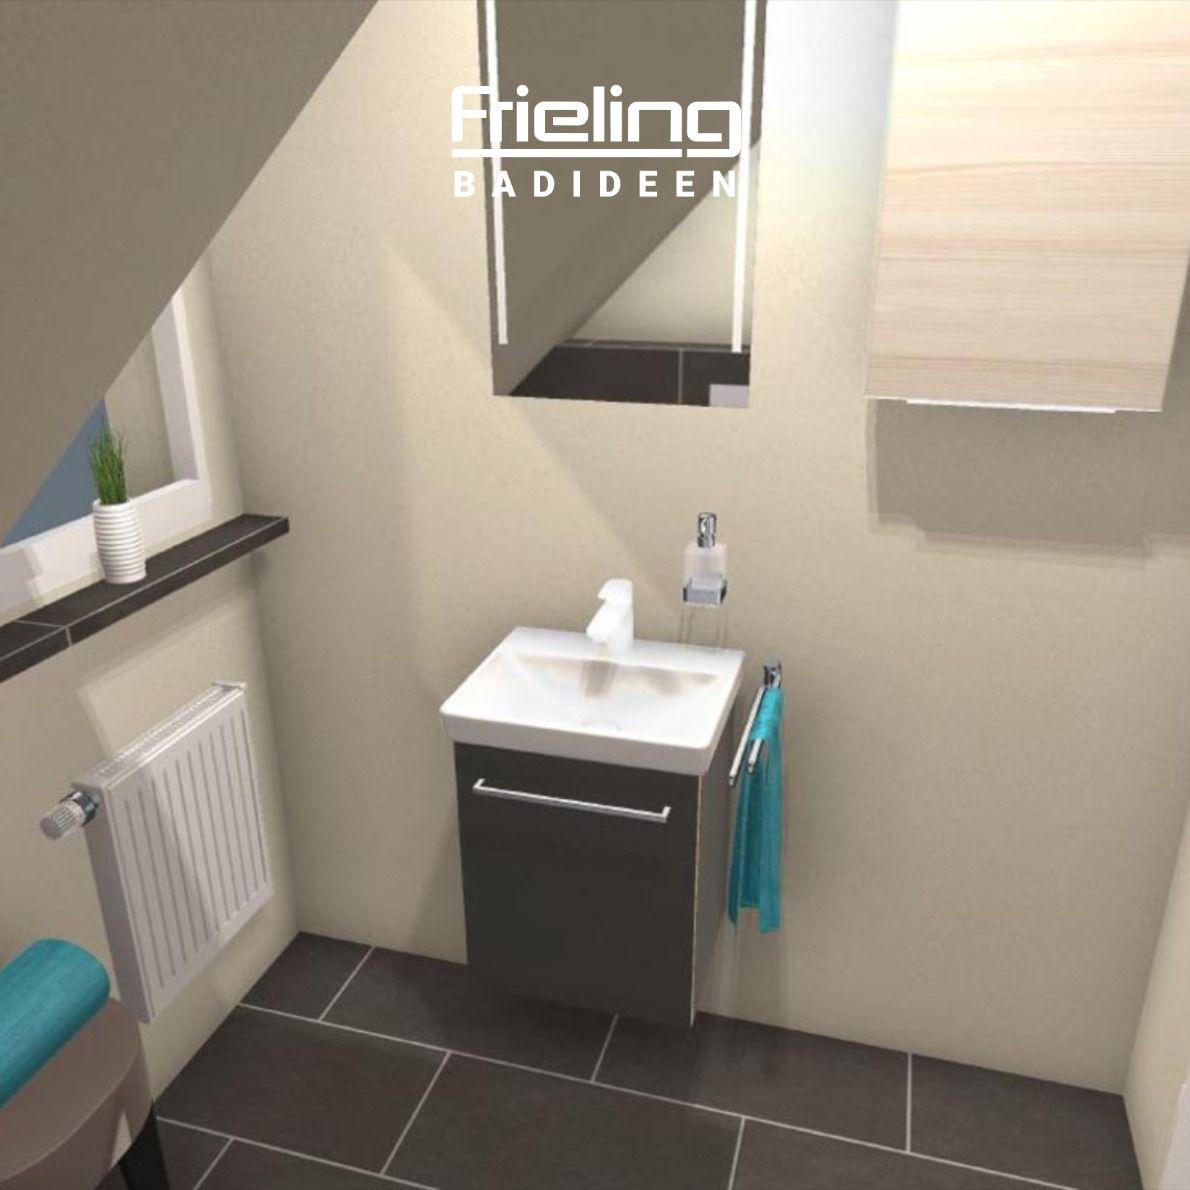 Ein Kleines Waschbecken Fur Einen Kleinen Raum Ansicht Auf Das Handwaschbecken Kleines Waschbecken Gaste Wc Wand Wc